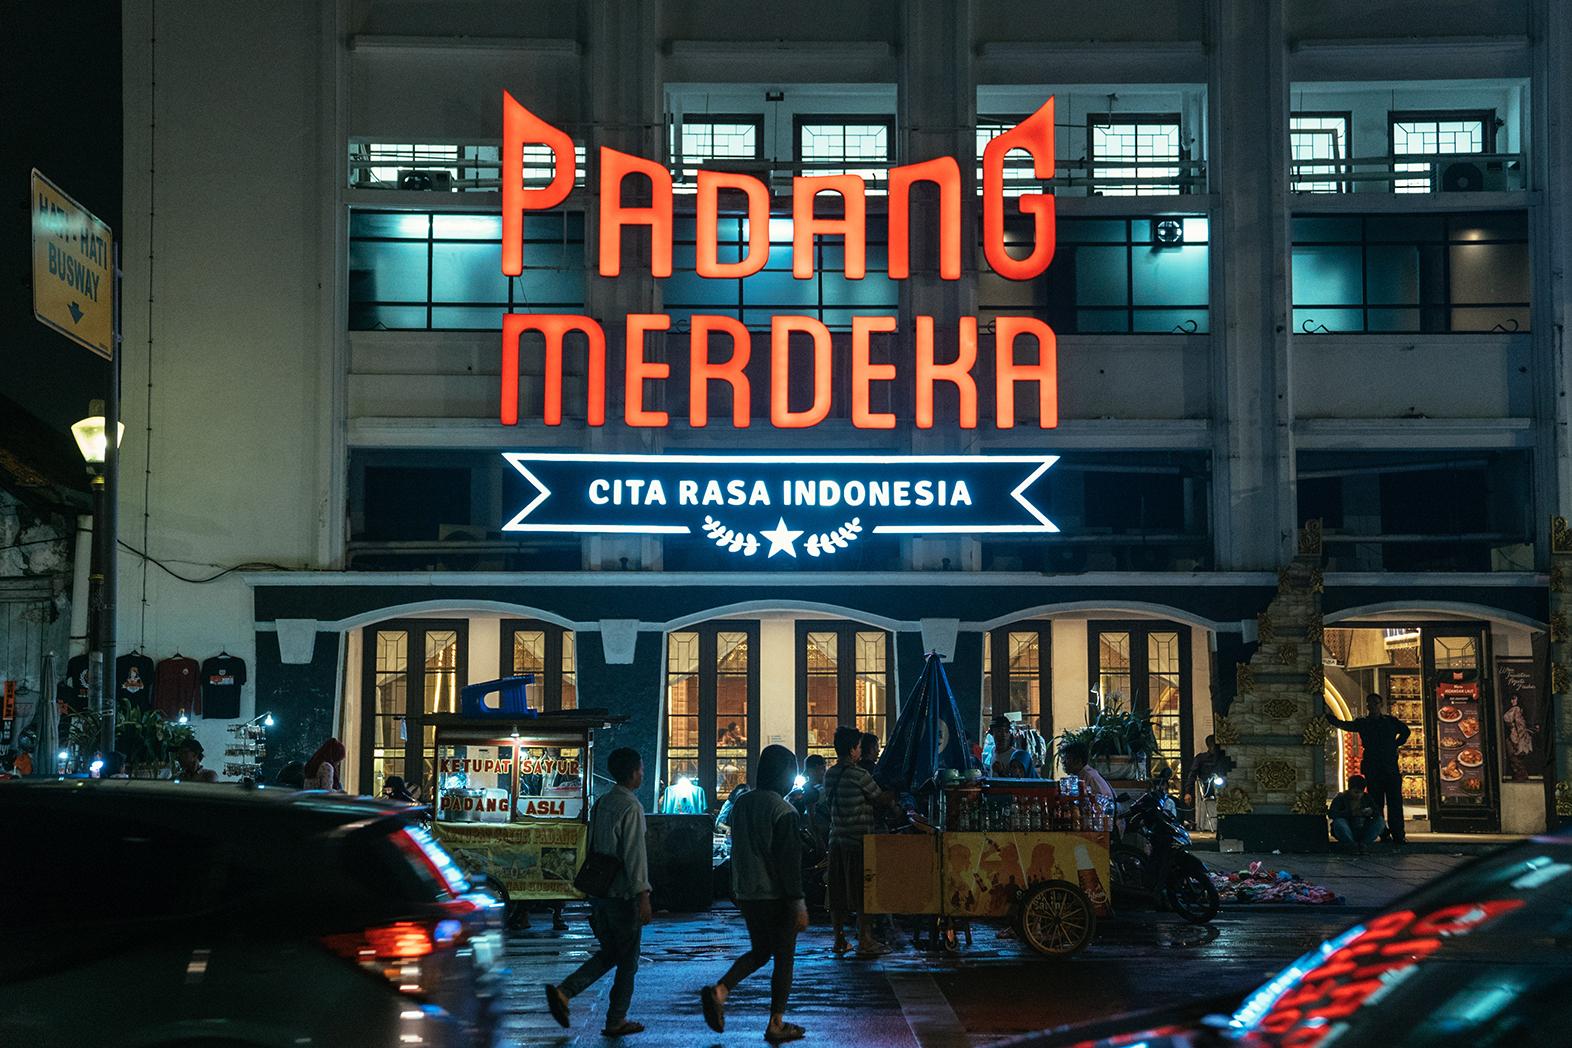 Restoran Padang di Jakarta - Padang Merdeka